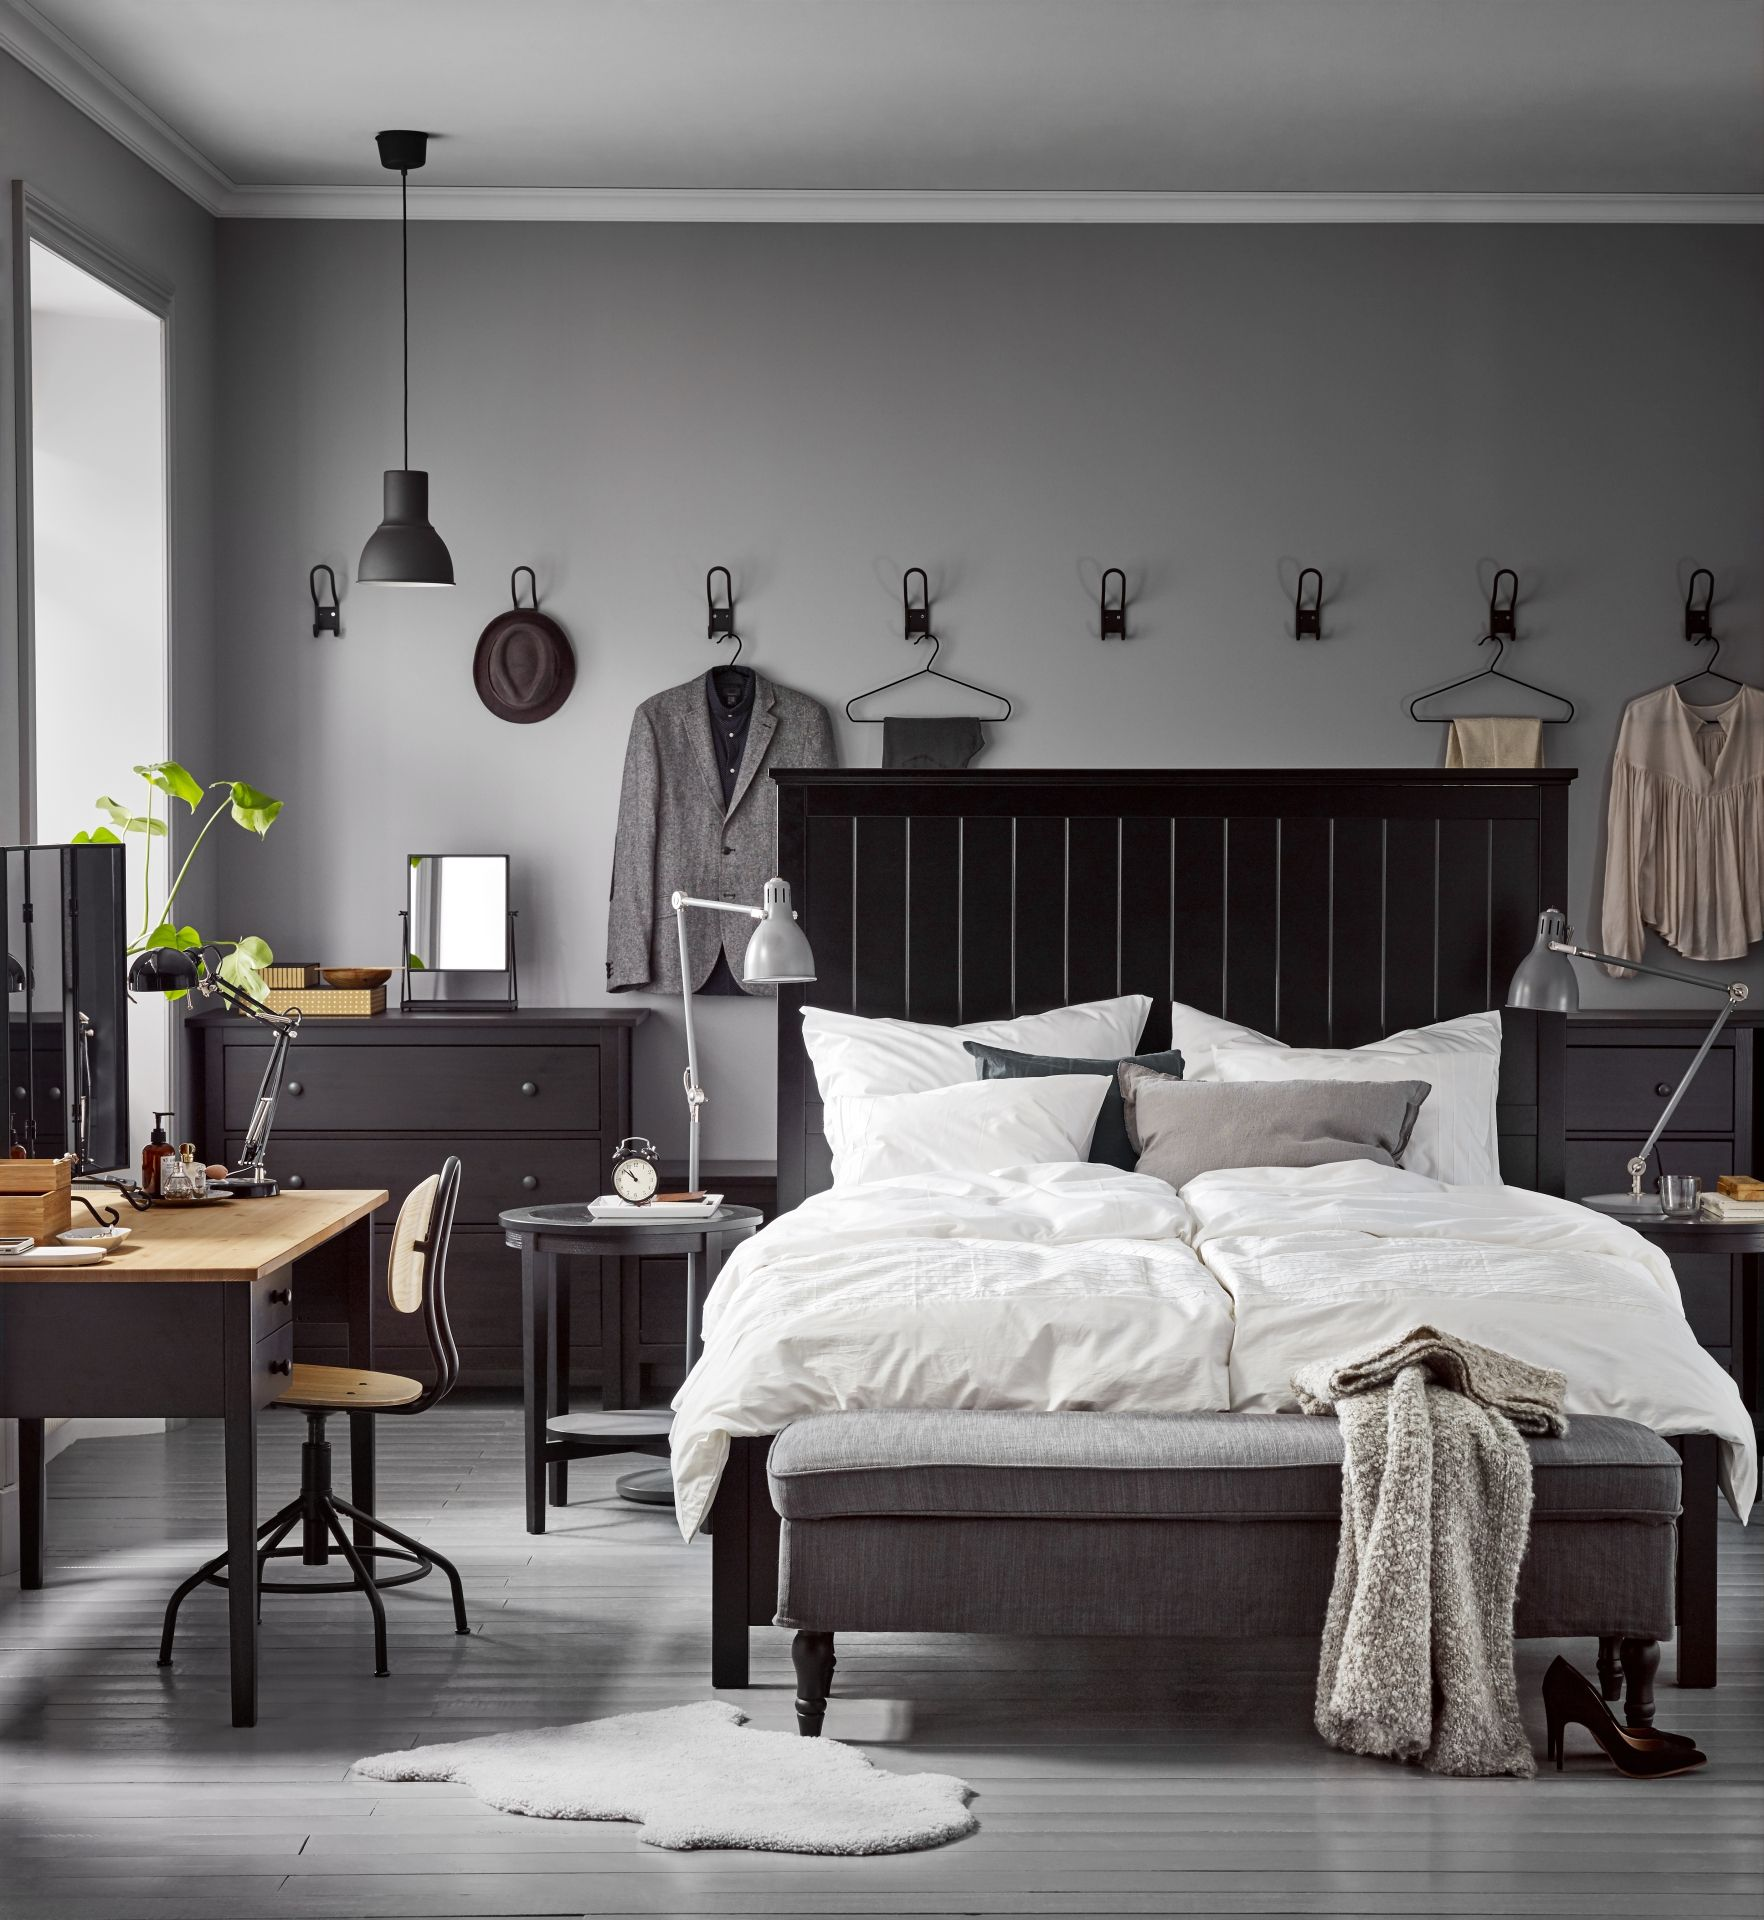 Stocksund bankje ljungen grijs zwart hout nachtkastje for Slaapkamer bed